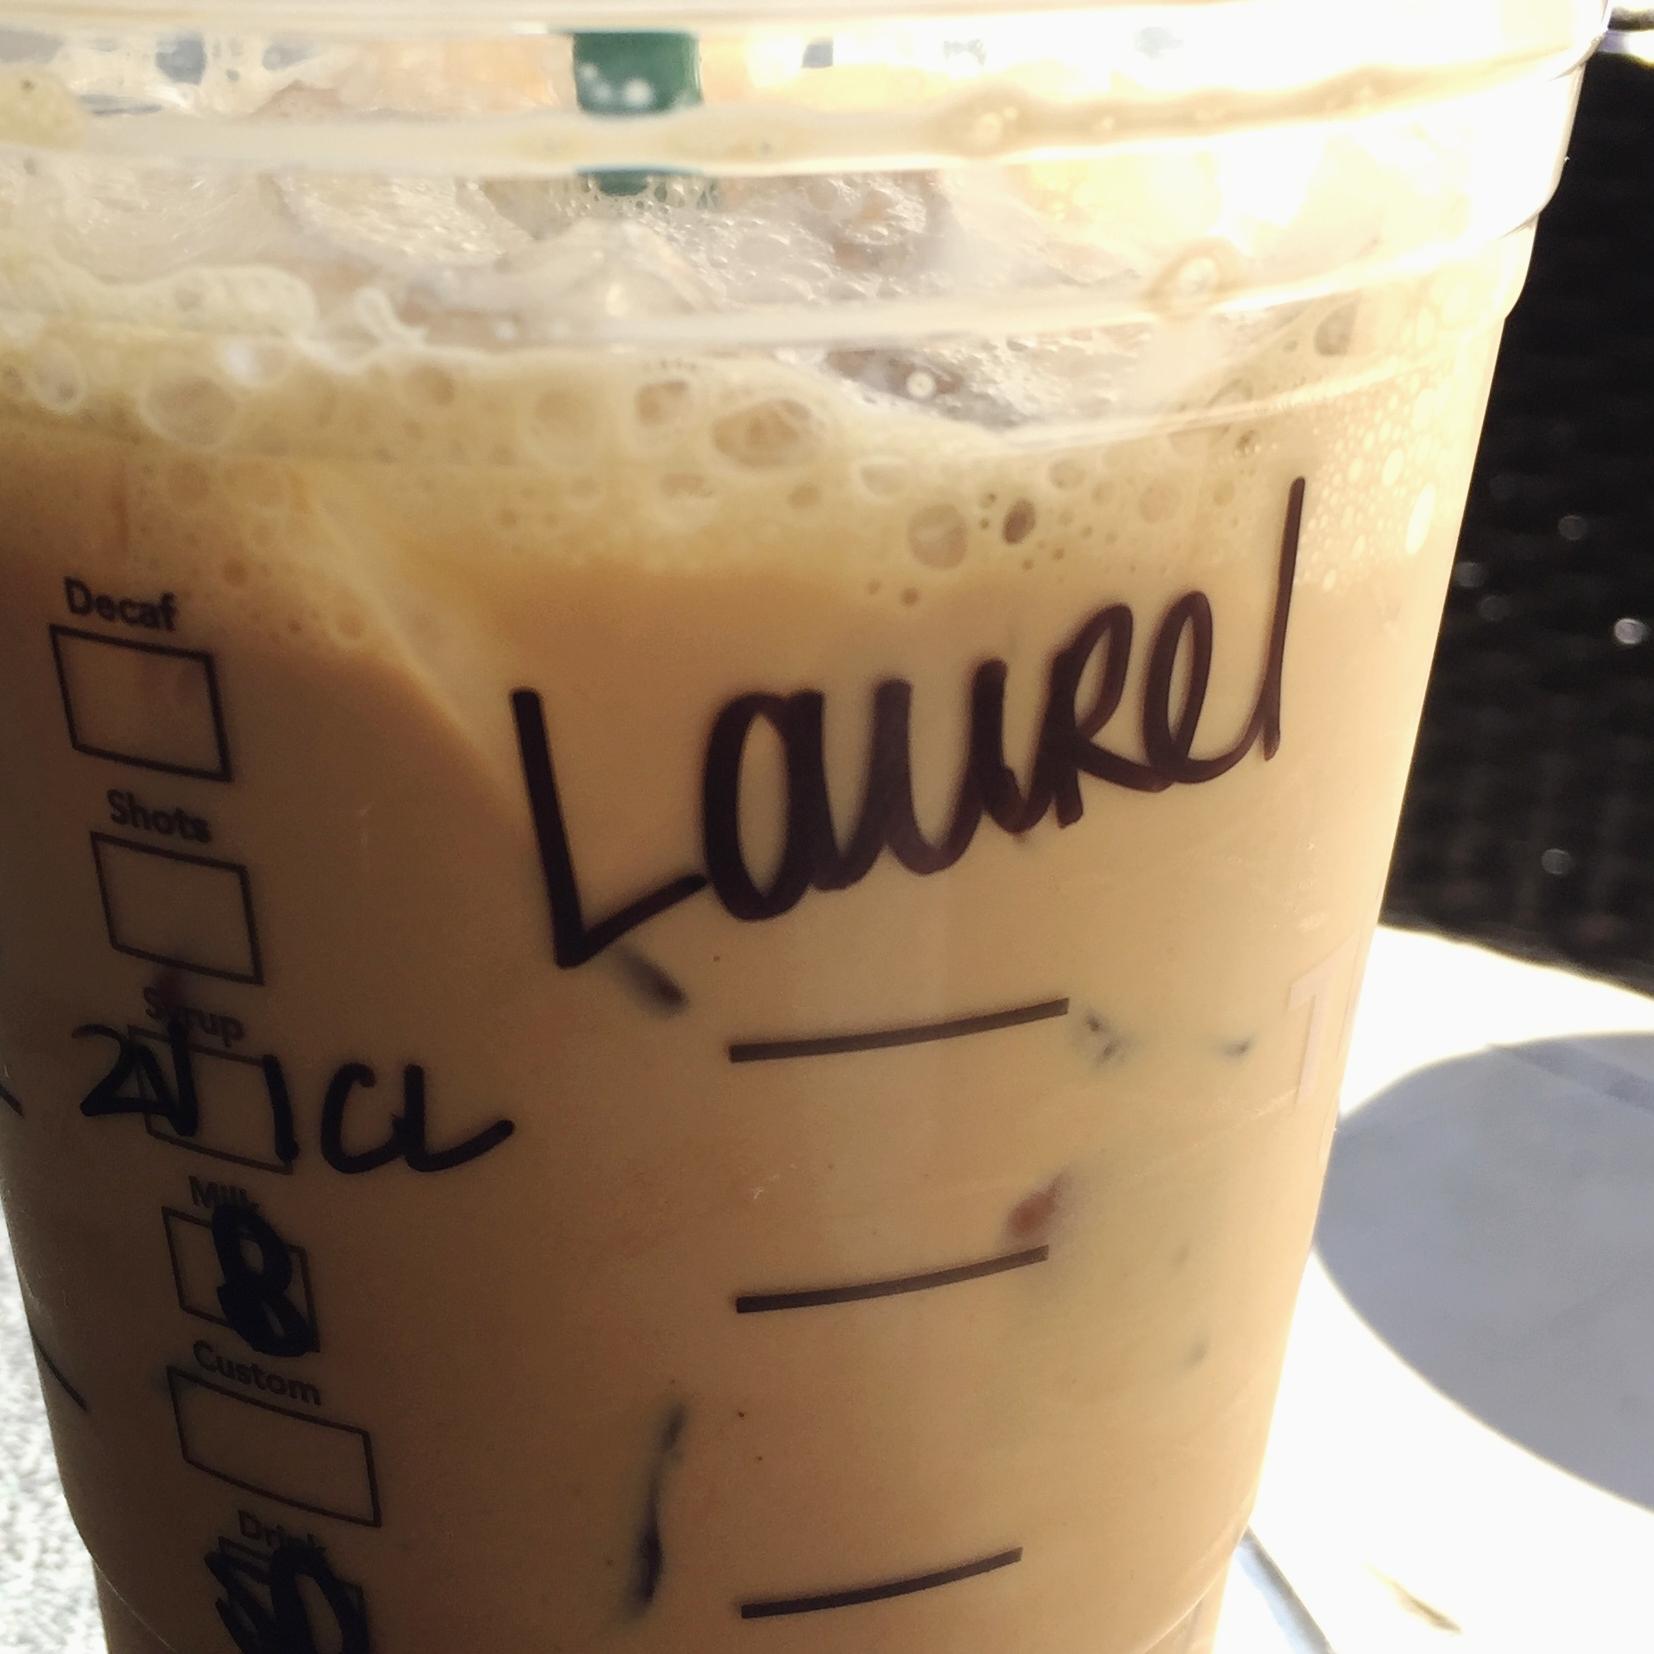 laurel-coffee.JPG